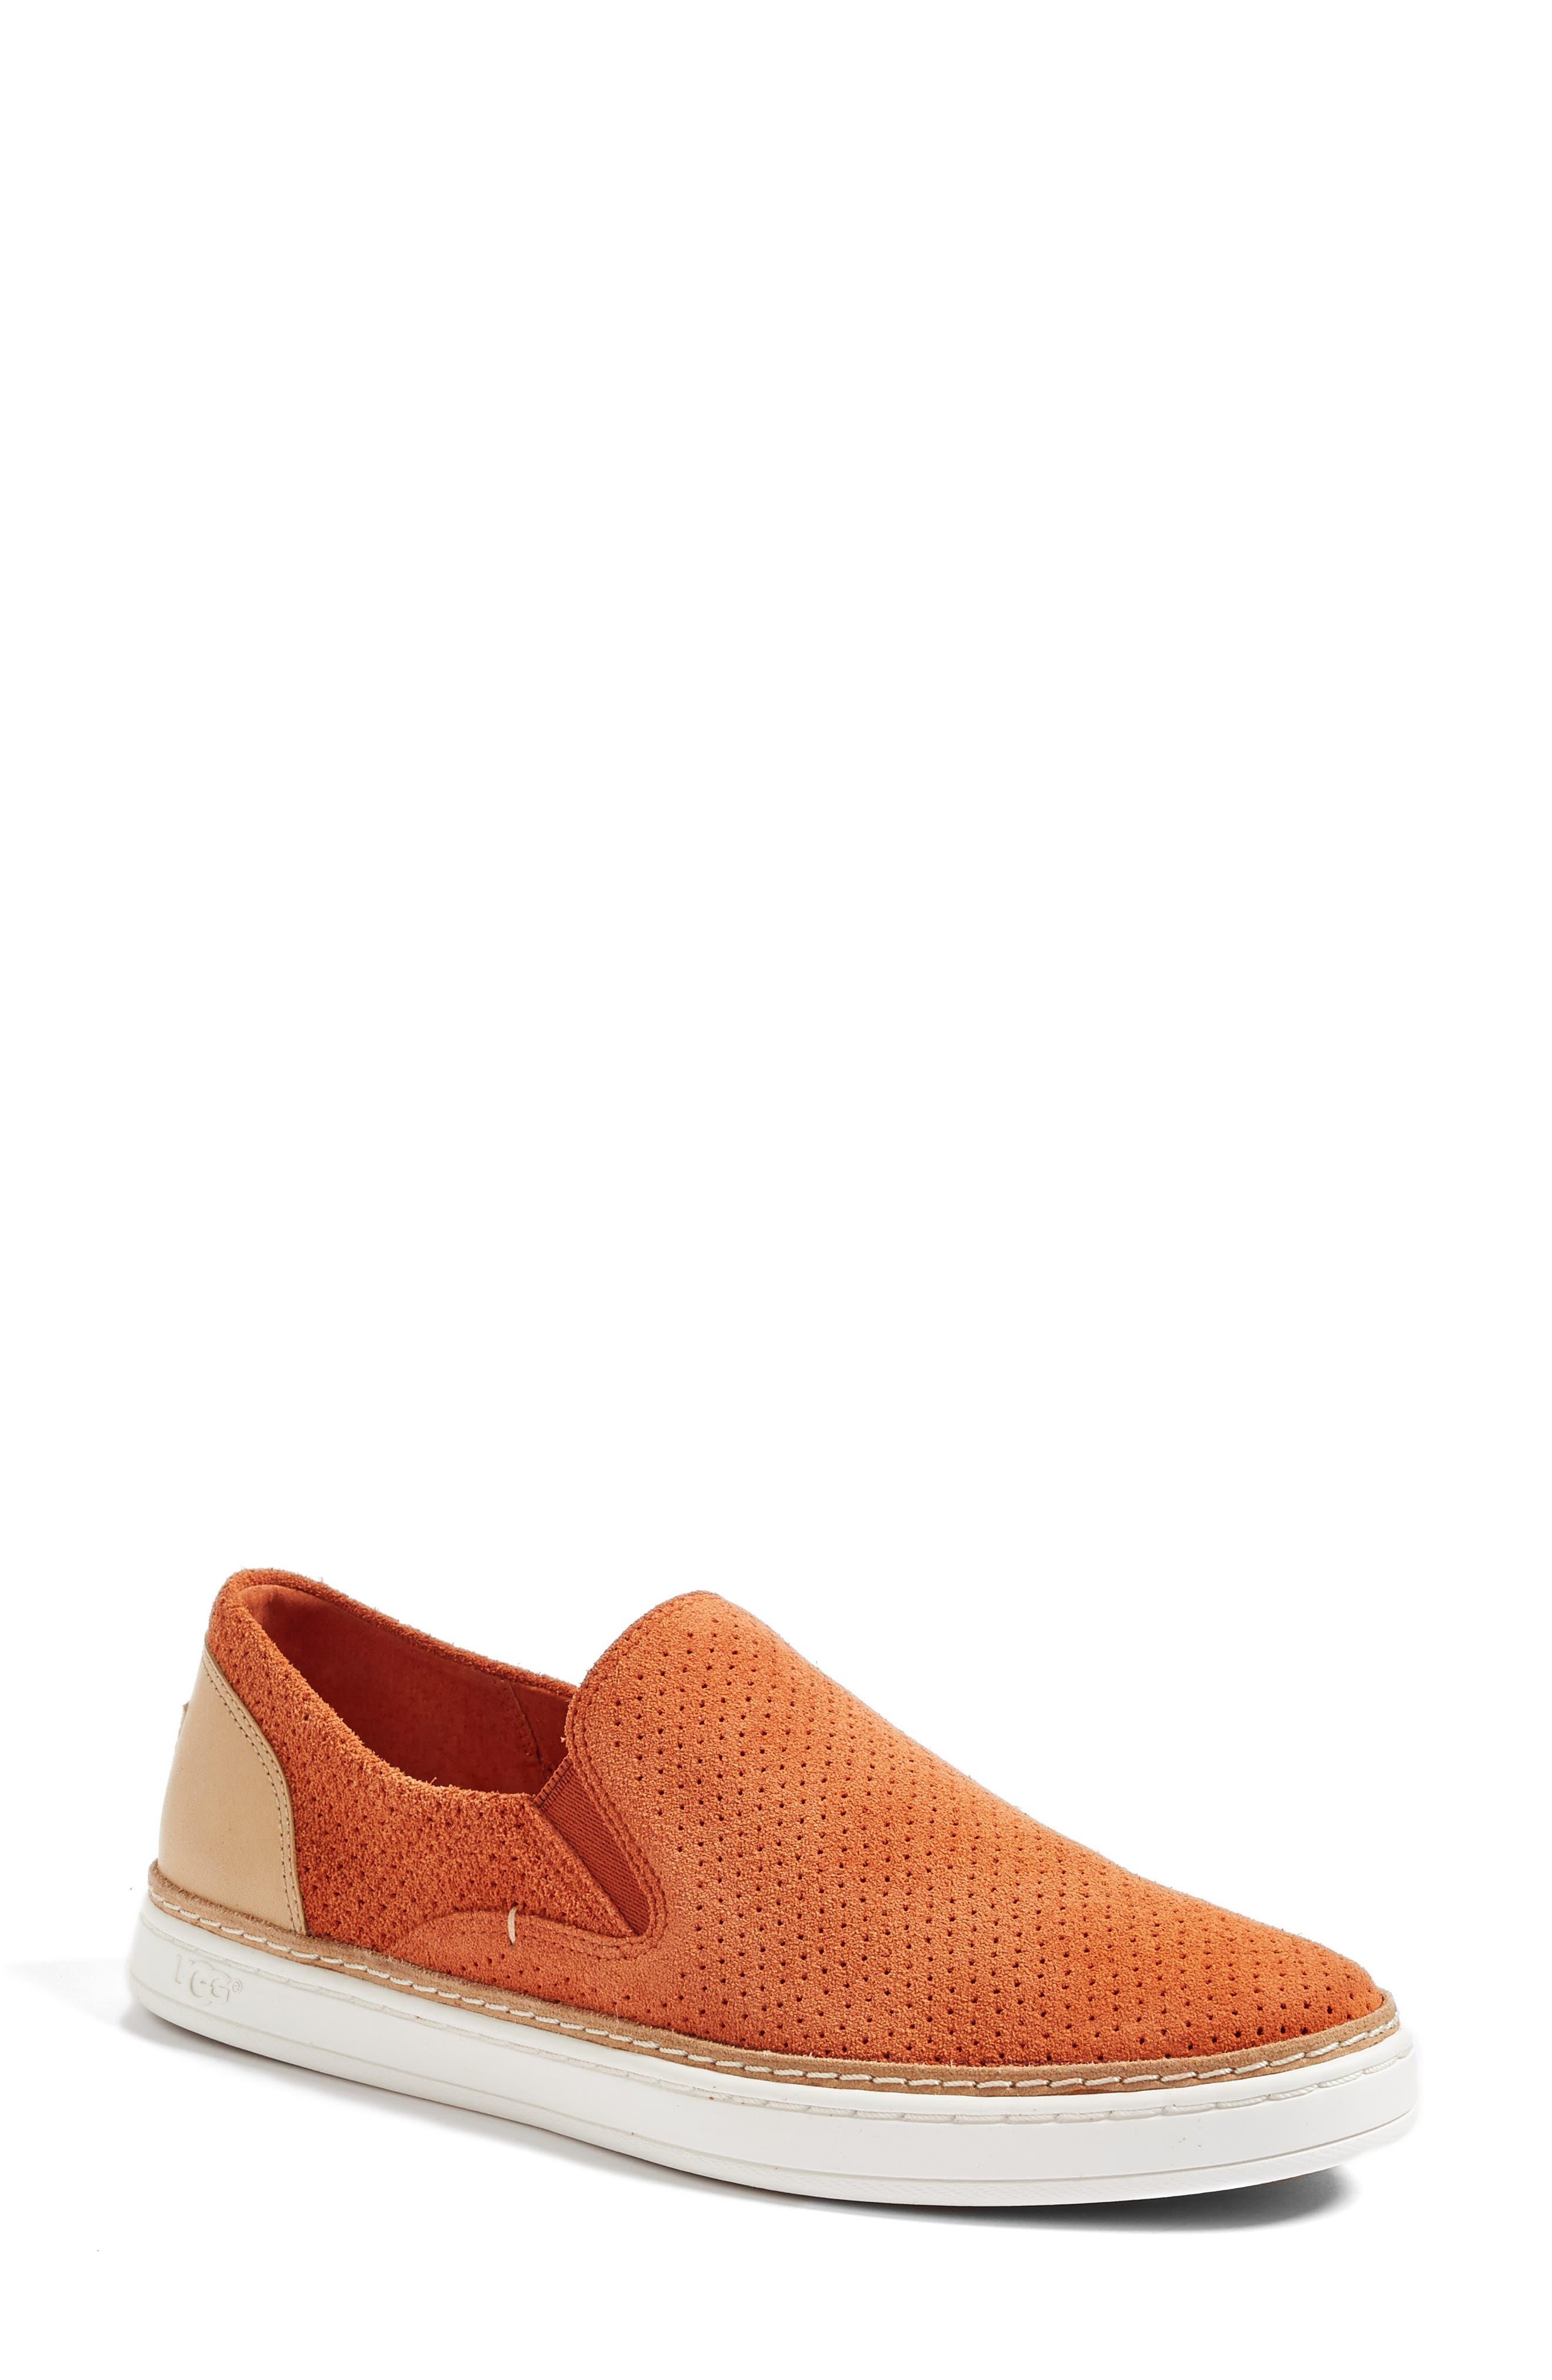 Adley Slip-On Sneaker,                             Alternate thumbnail 21, color,